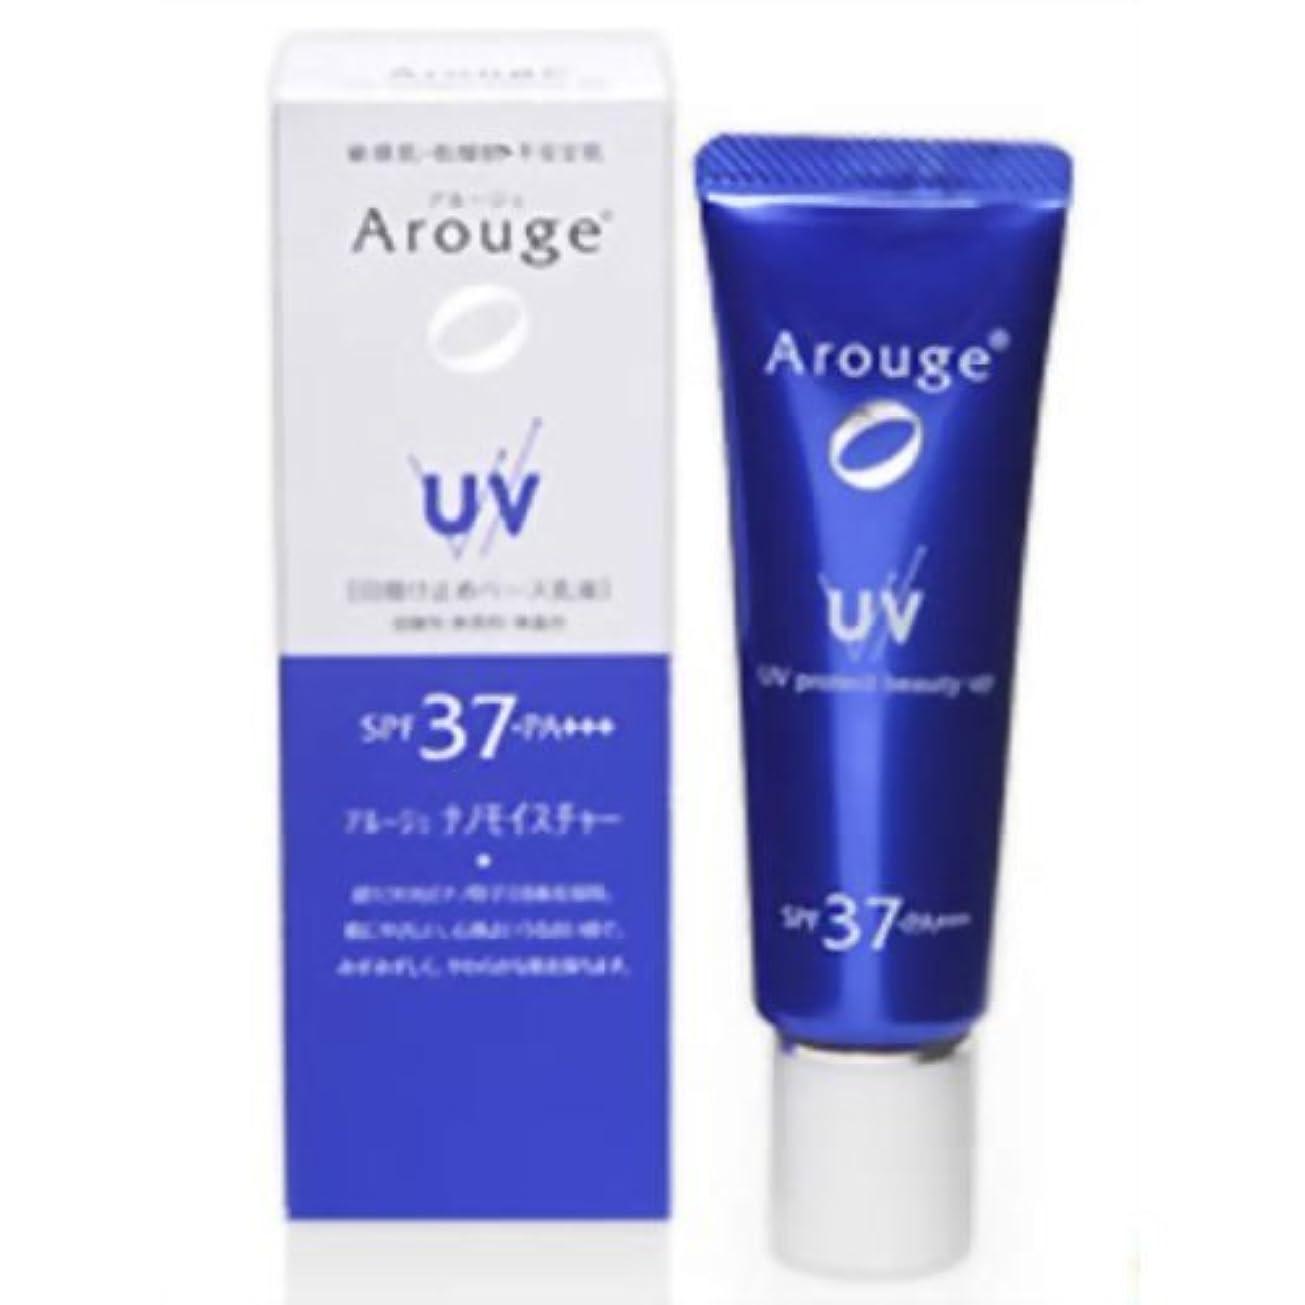 ストラッププール広くアルージェ UVプロテクトビューティーアップ 25g